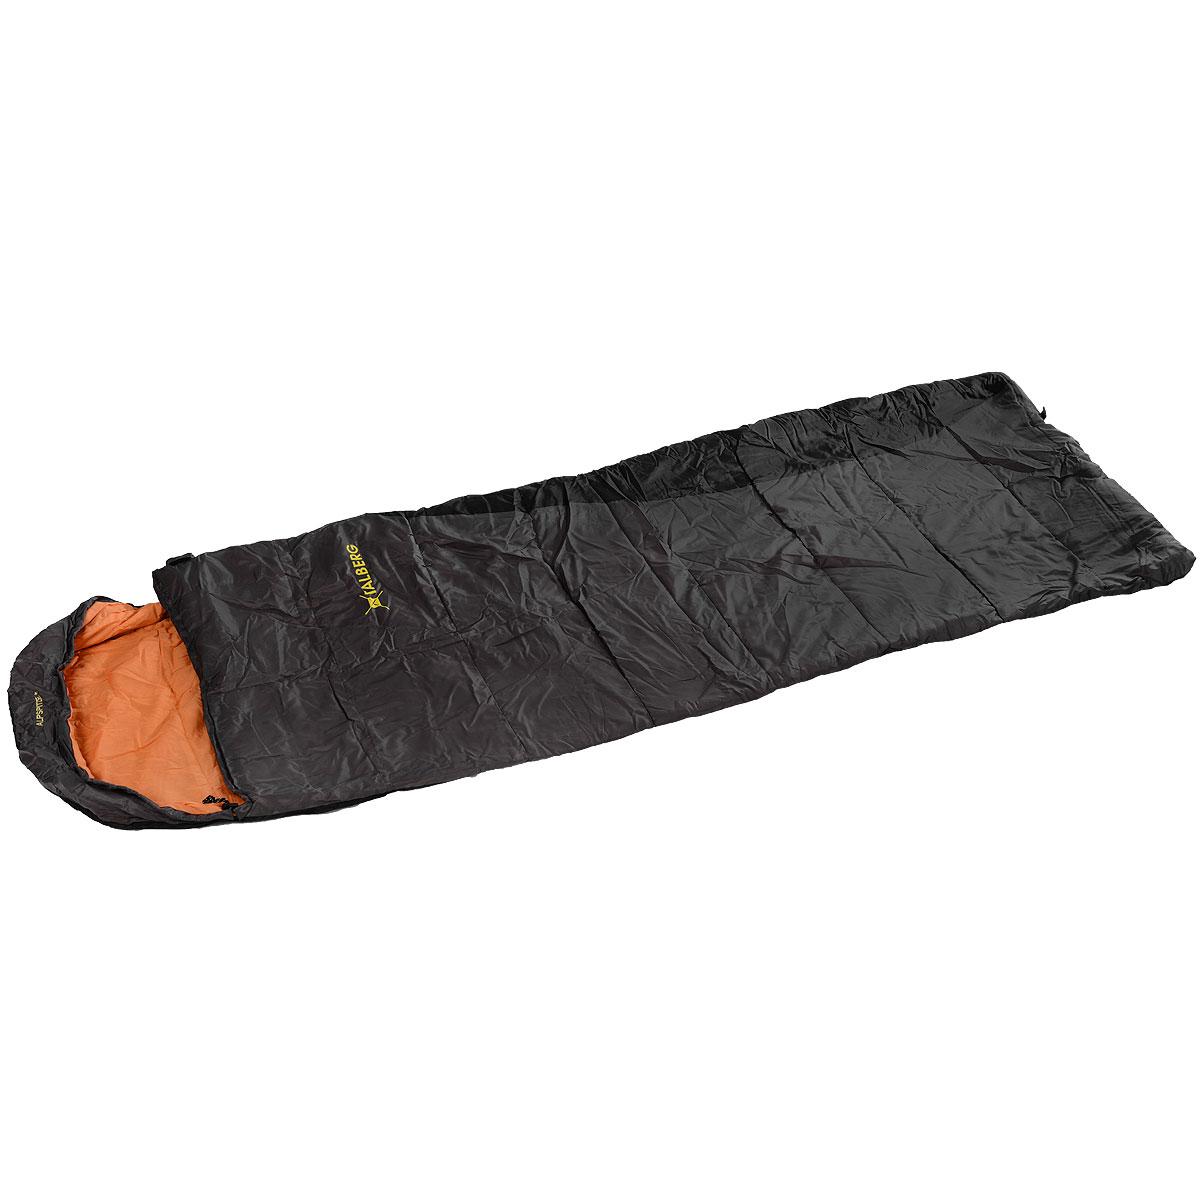 Спальный мешок-одеяло Talberg Alpspitze, левосторонняя молнияУТ-000055181Суперлегкий спальный мешок-одеяло Talberg Alpspitze с подголовником рассчитан на теплое время года. Внутренняя ткань этого спальника - поликоттон, т.е. хлопок с привнесением синтетики. Поликоттон легче и практичнее 100% хлопка.Наружная ткань: полиэстер RipStop 210T. Внутренняя ткань: полиэстер 80%, хлопок 20%. Утеплитель: Утеплитель: 1x85 g/m2, Hollofibersilicon. Вес: 920 г.